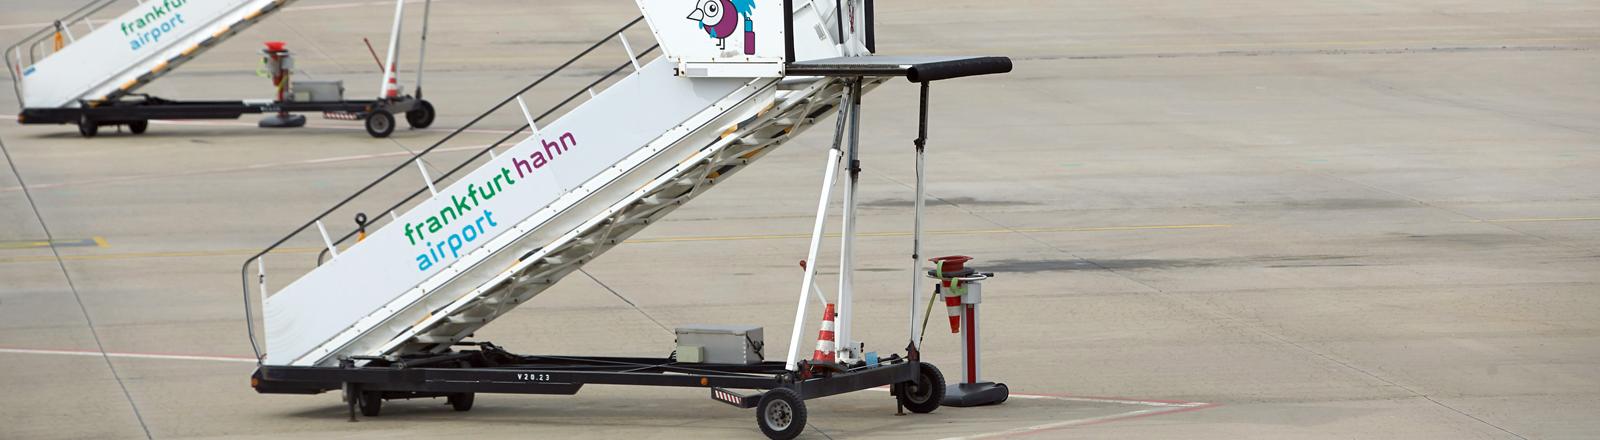 Passagiertreppen sind am am 04.04.2014 auf dem Vorfeld des Flughafens Hahn in Lautzenhausen (Rheinland-Pfalz) abgestellt.